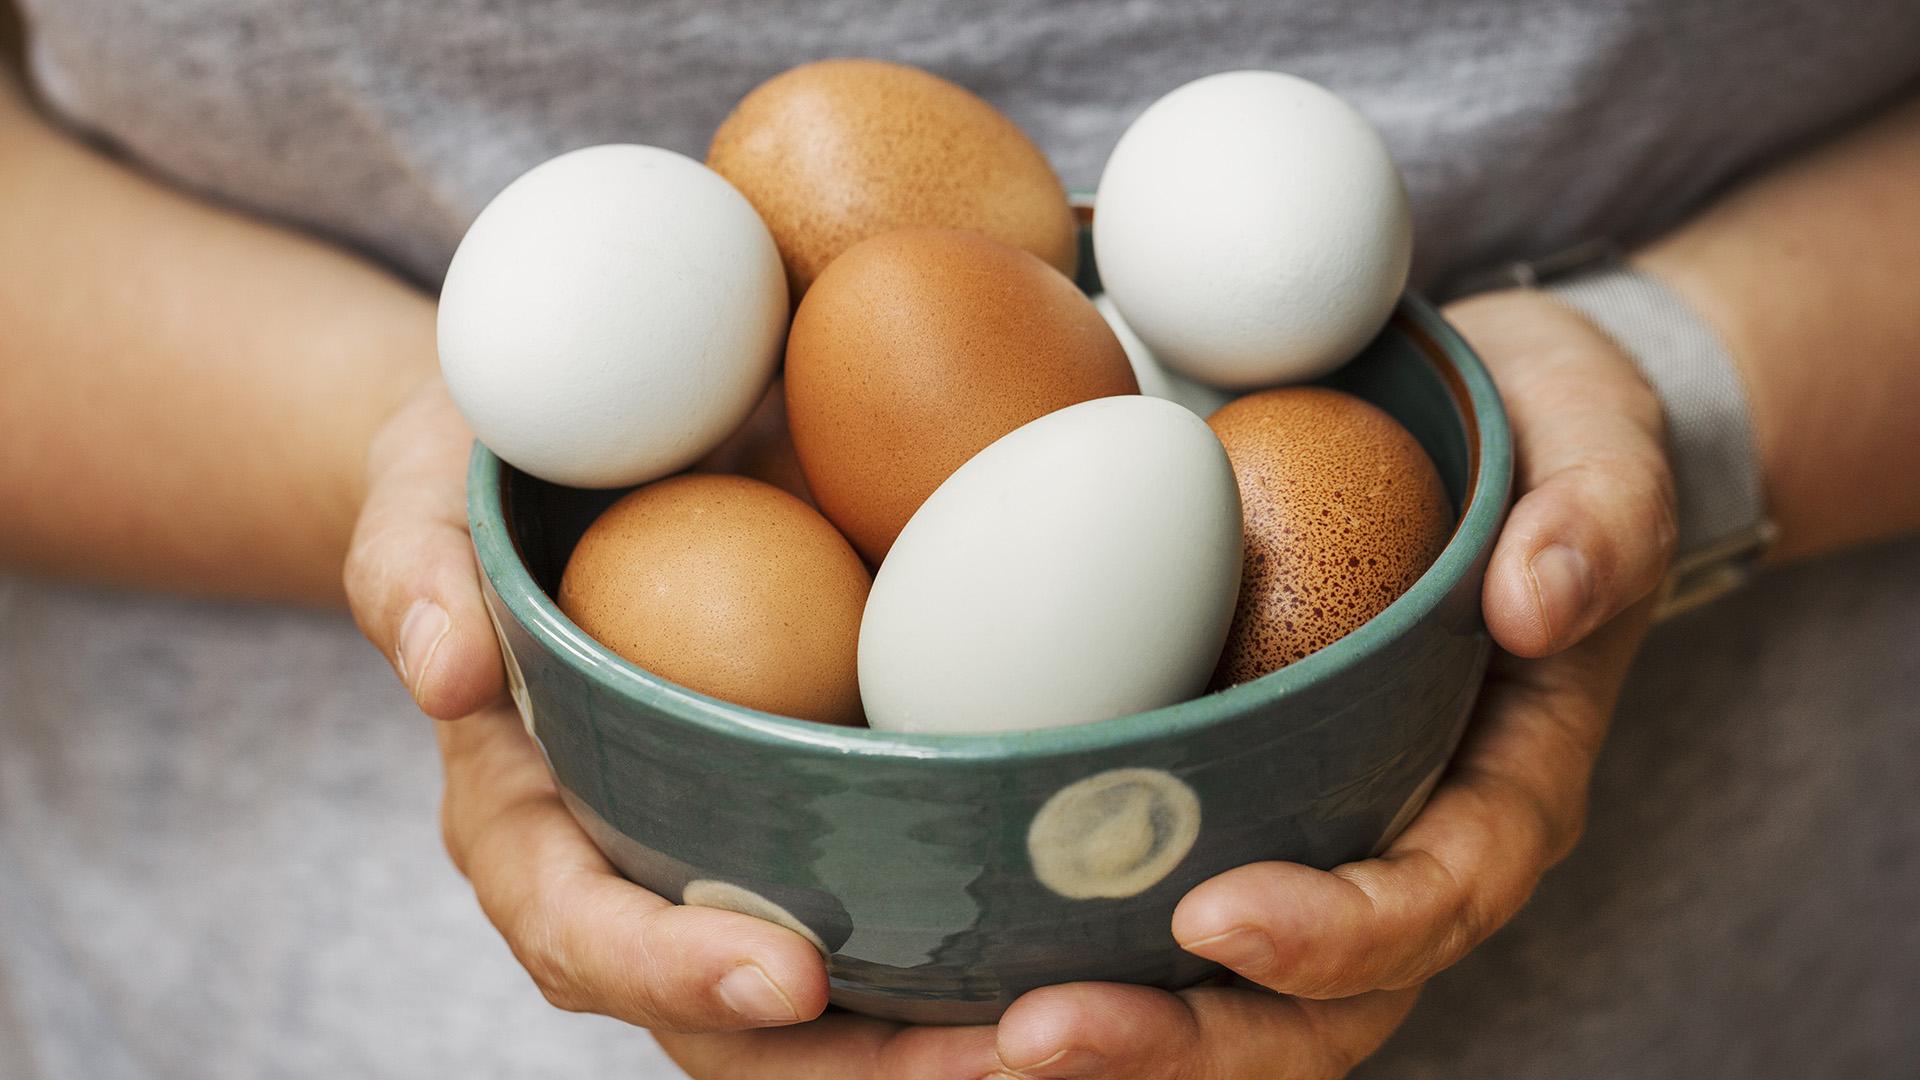 húsvétkor is lesz friss tojás a boltokban